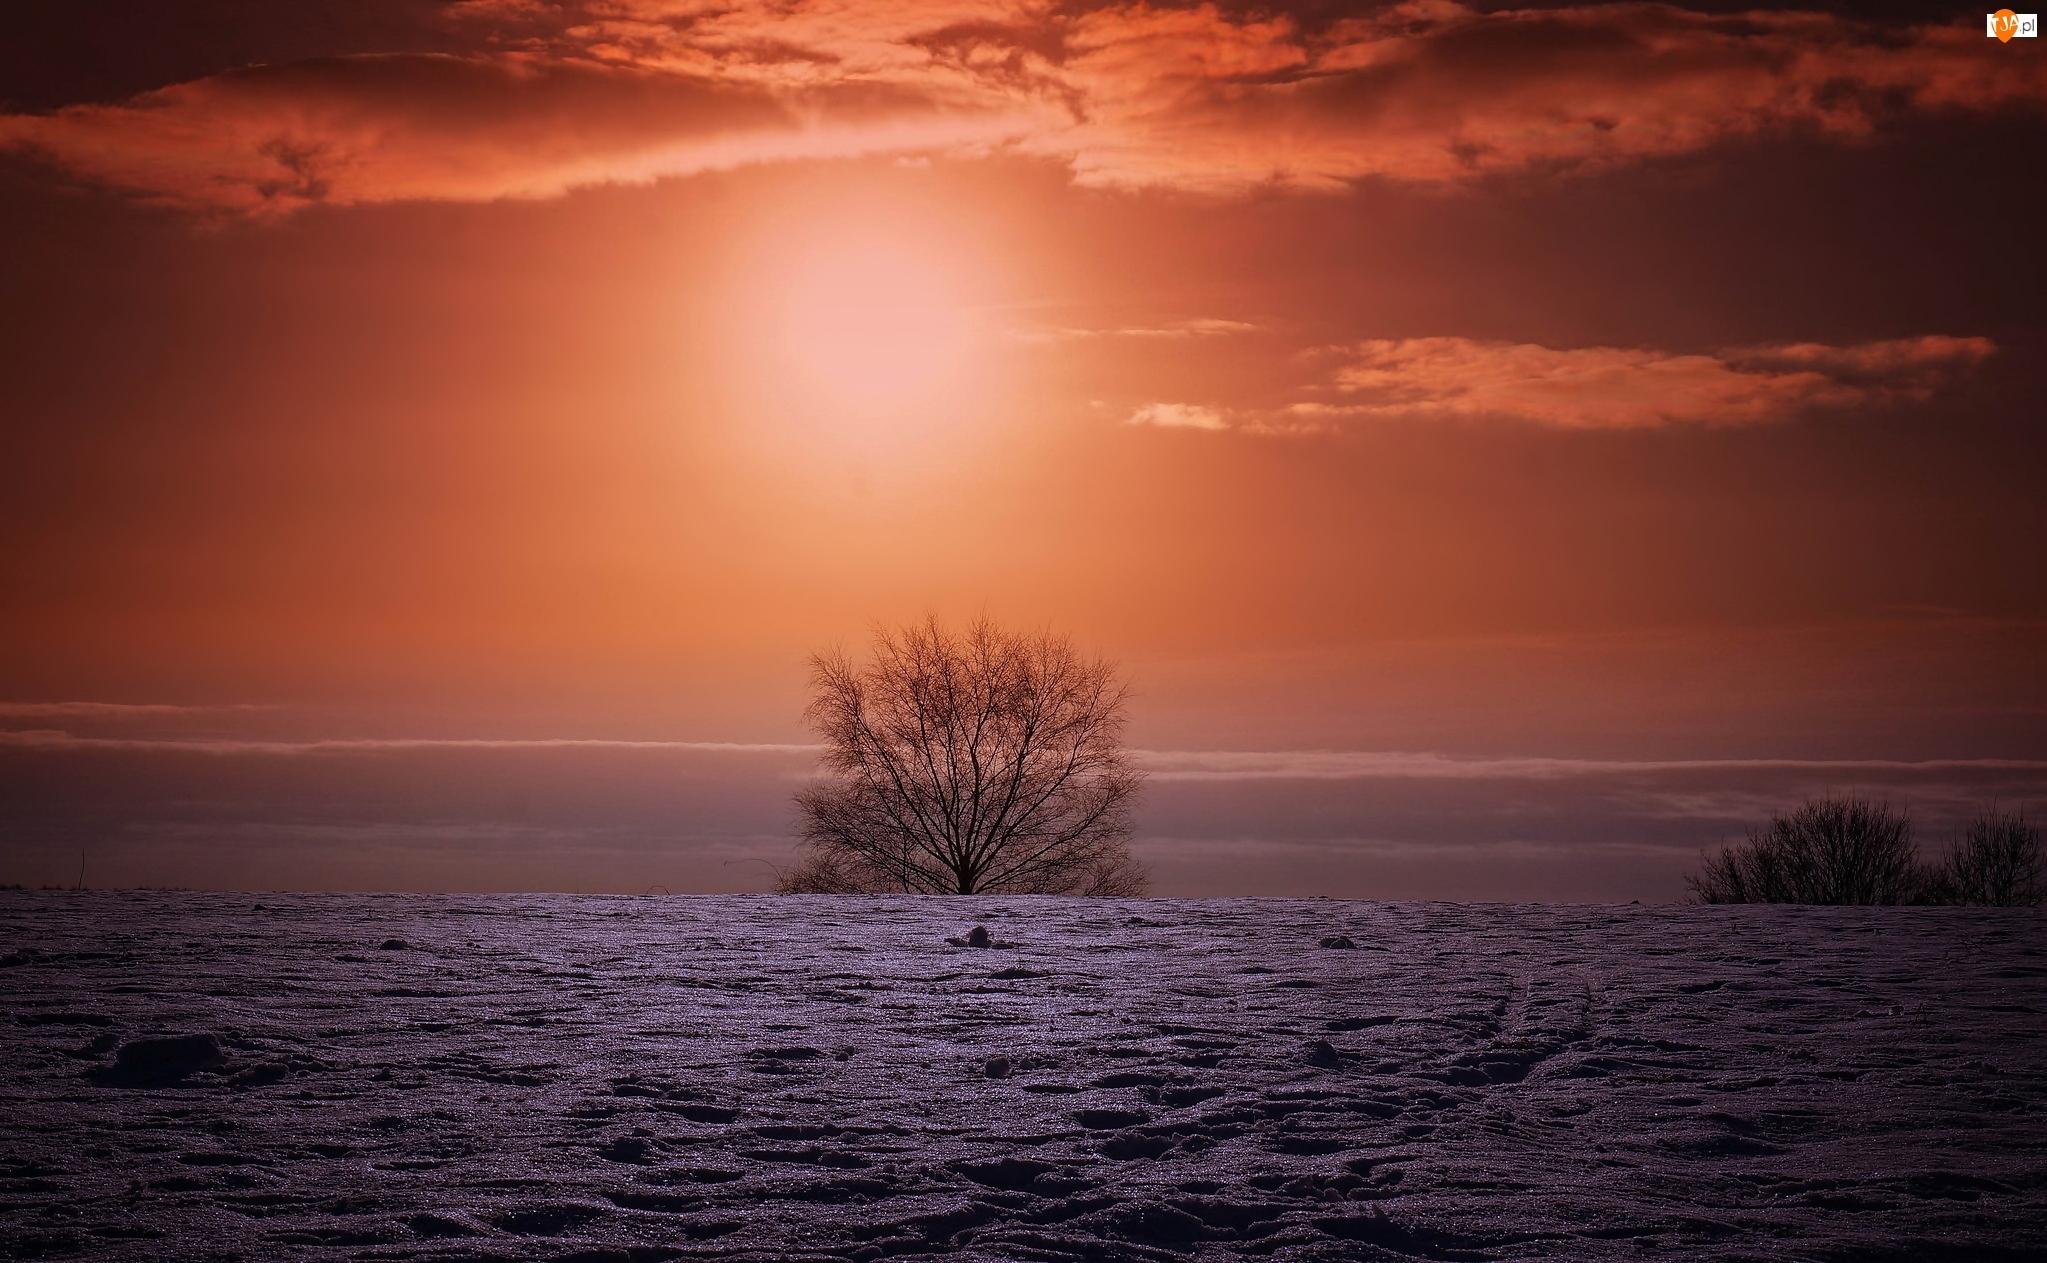 Drzewo, Zima, Zachód słońca